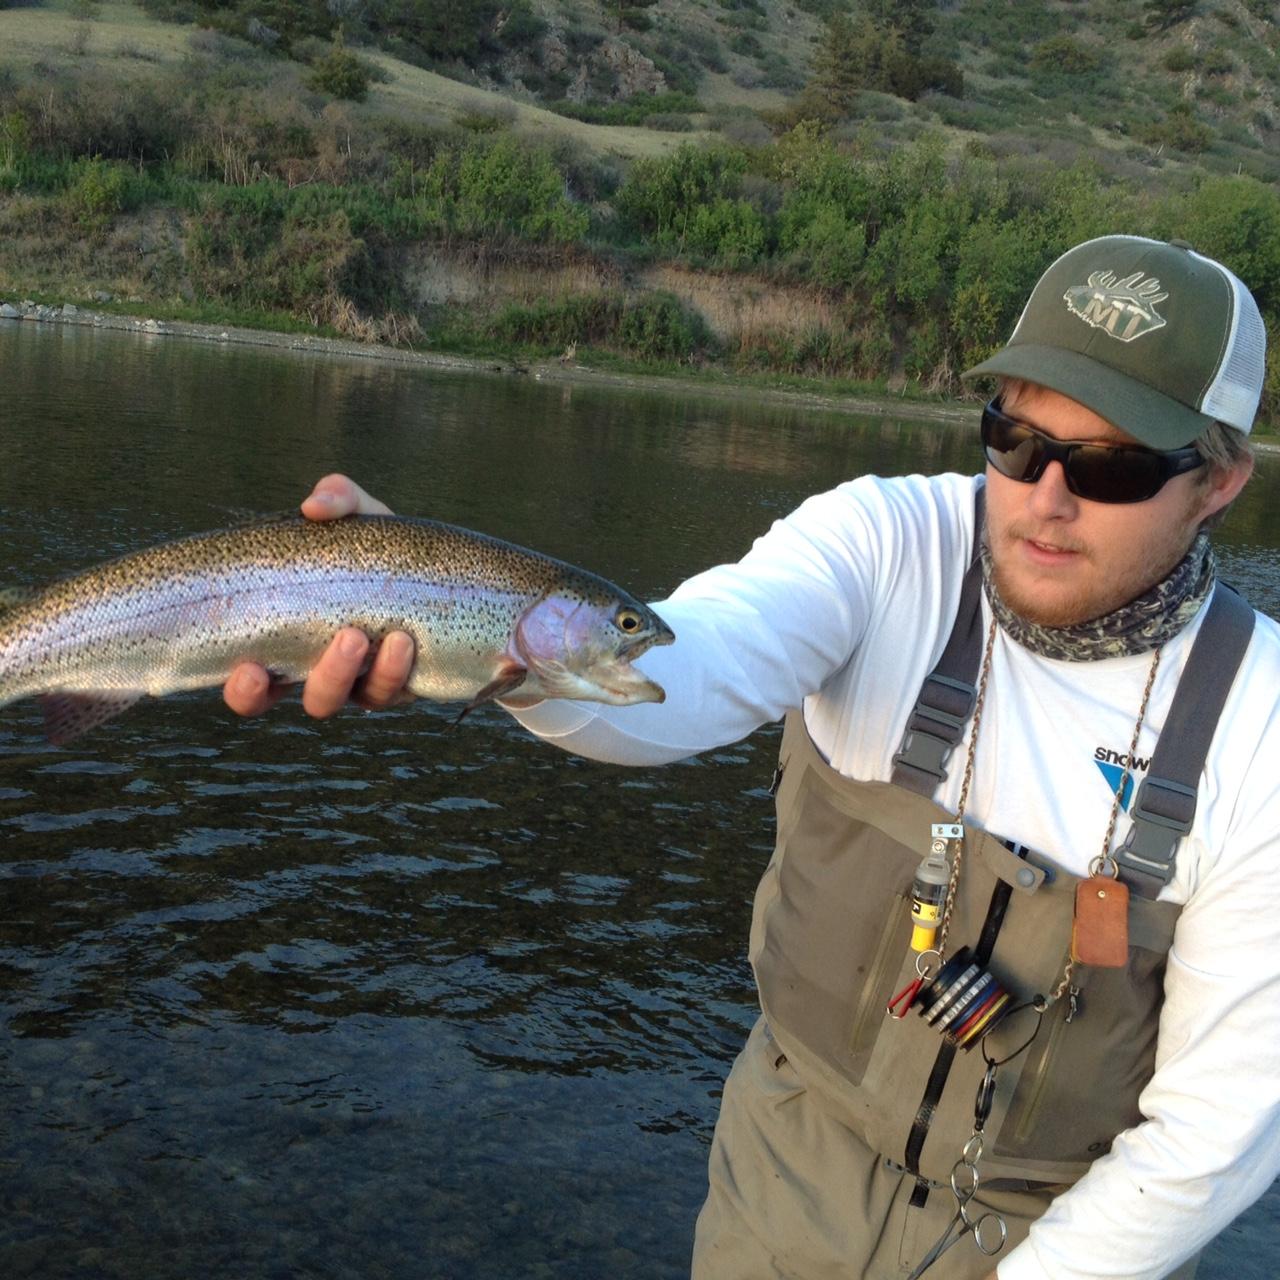 Missouri river fishing report 5 smorgasbord edition for Missouri fishing report